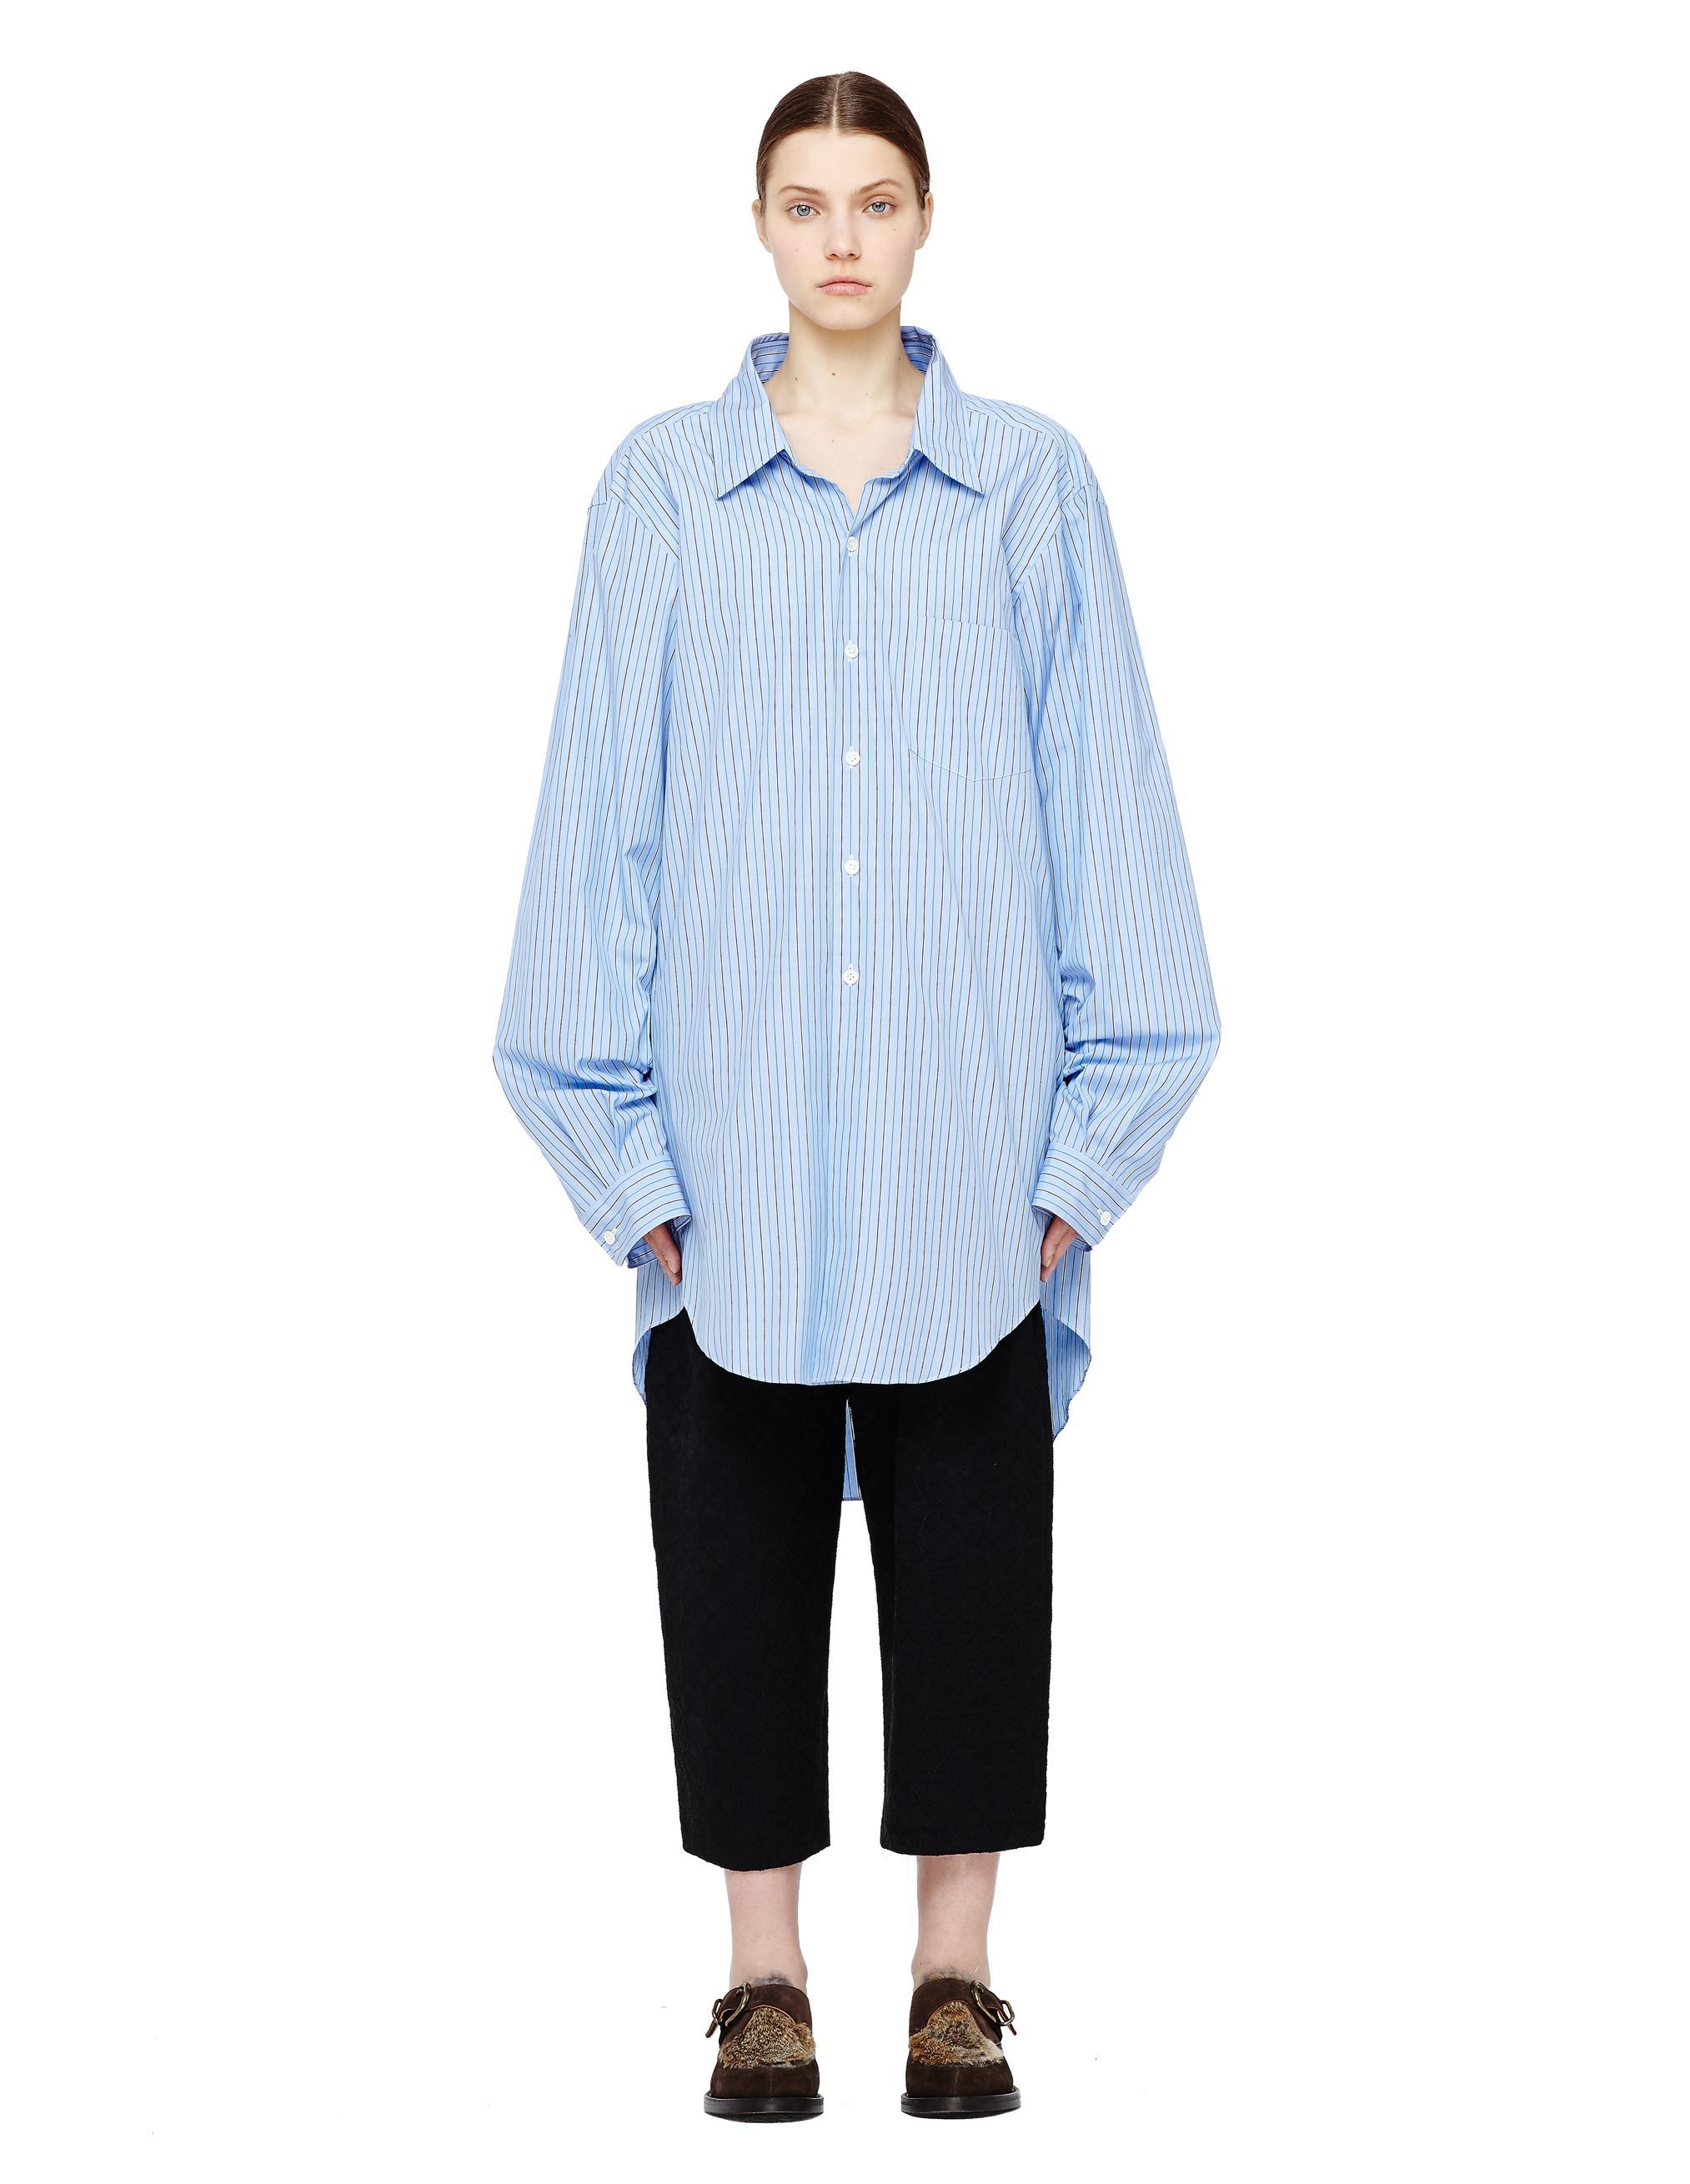 Junya Watanabe Striped Light Blue Shirt Dress